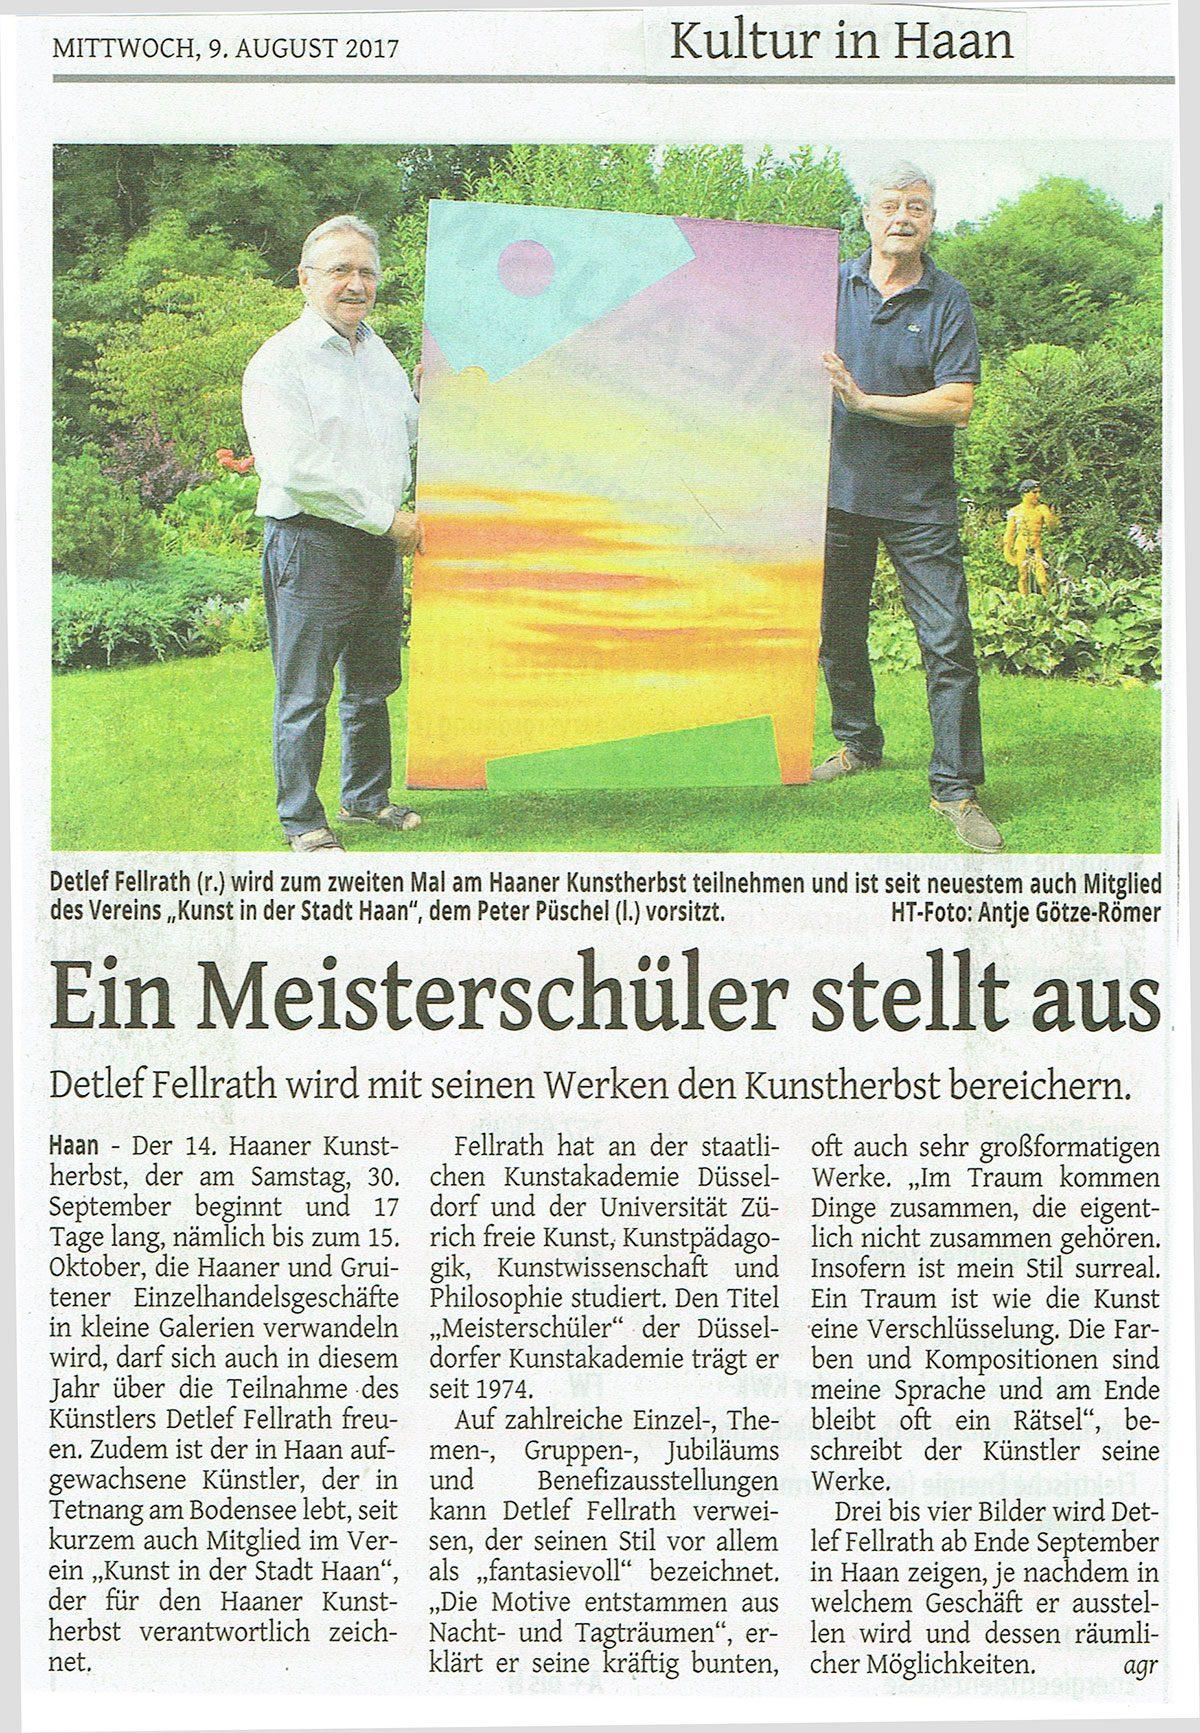 http://www.kunst-in-der-stadt-haan.de/wp-content/uploads/2017/08/Ein-Meisterschüler-stellt-aus-1200x1733.jpg